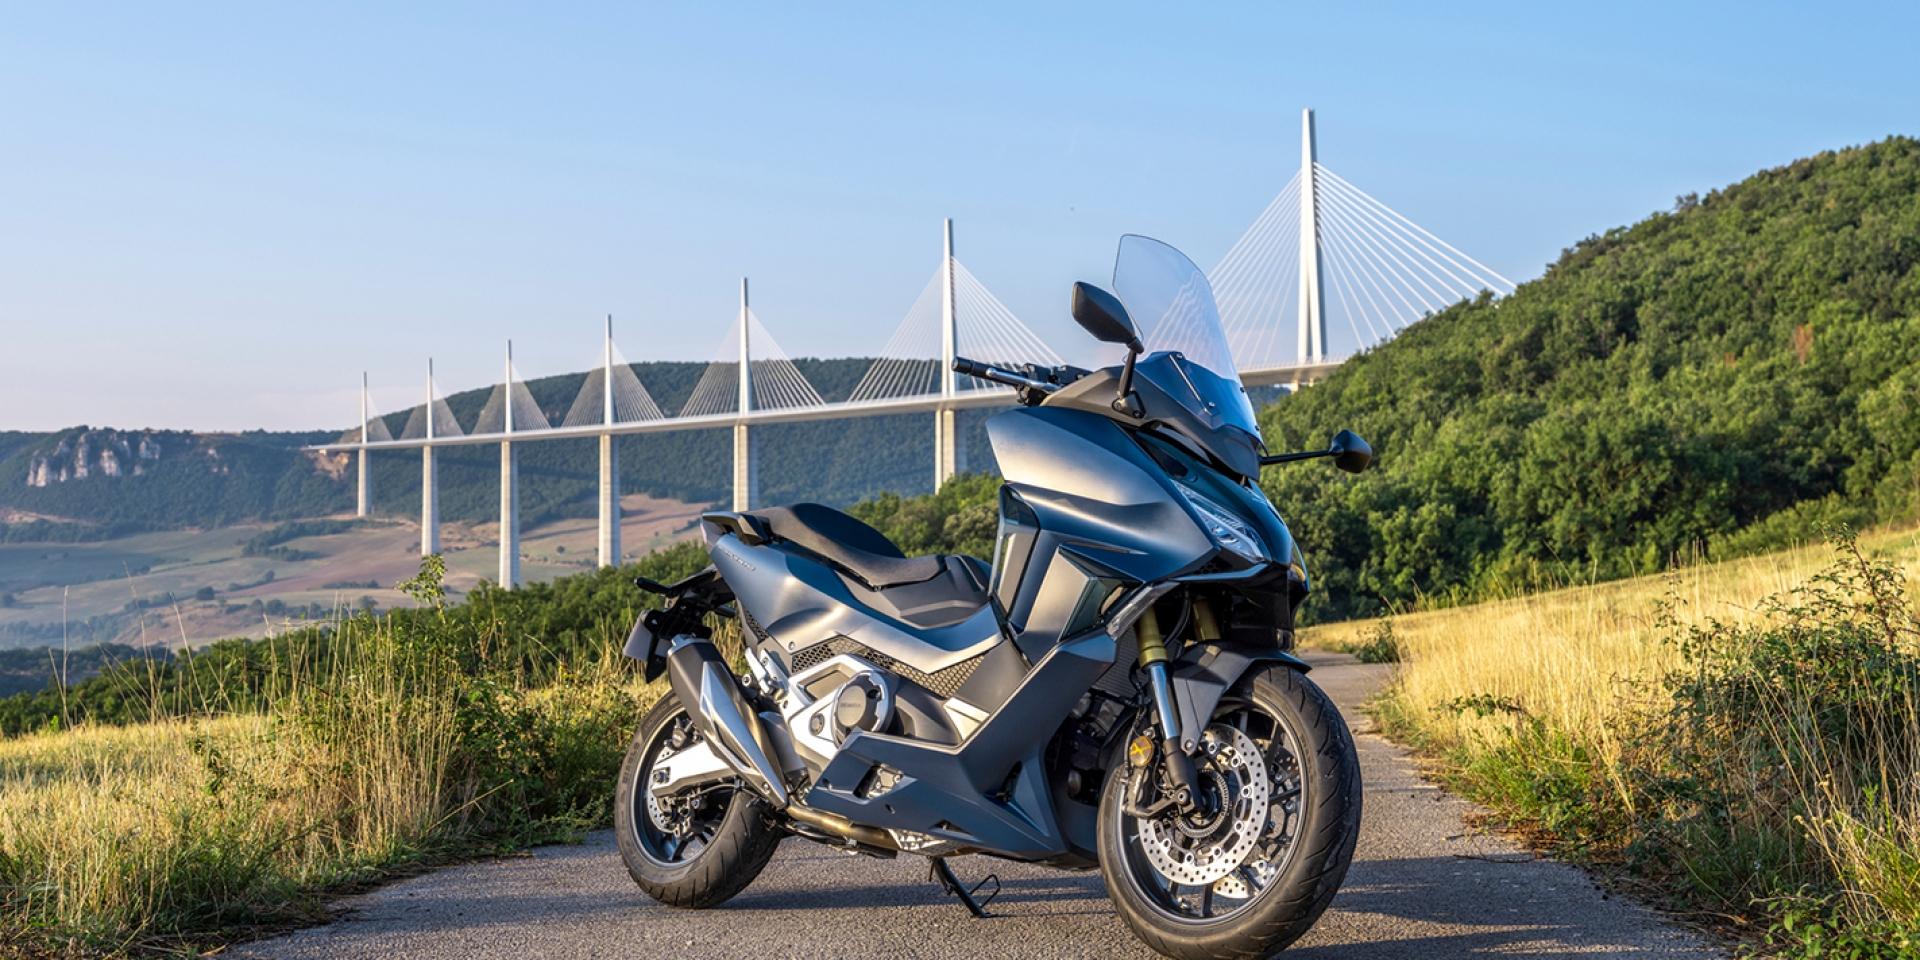 官方新聞稿。Honda Motorcycle 2021 FORZA750 預接開跑 早鳥搶訂預接價 46.8萬